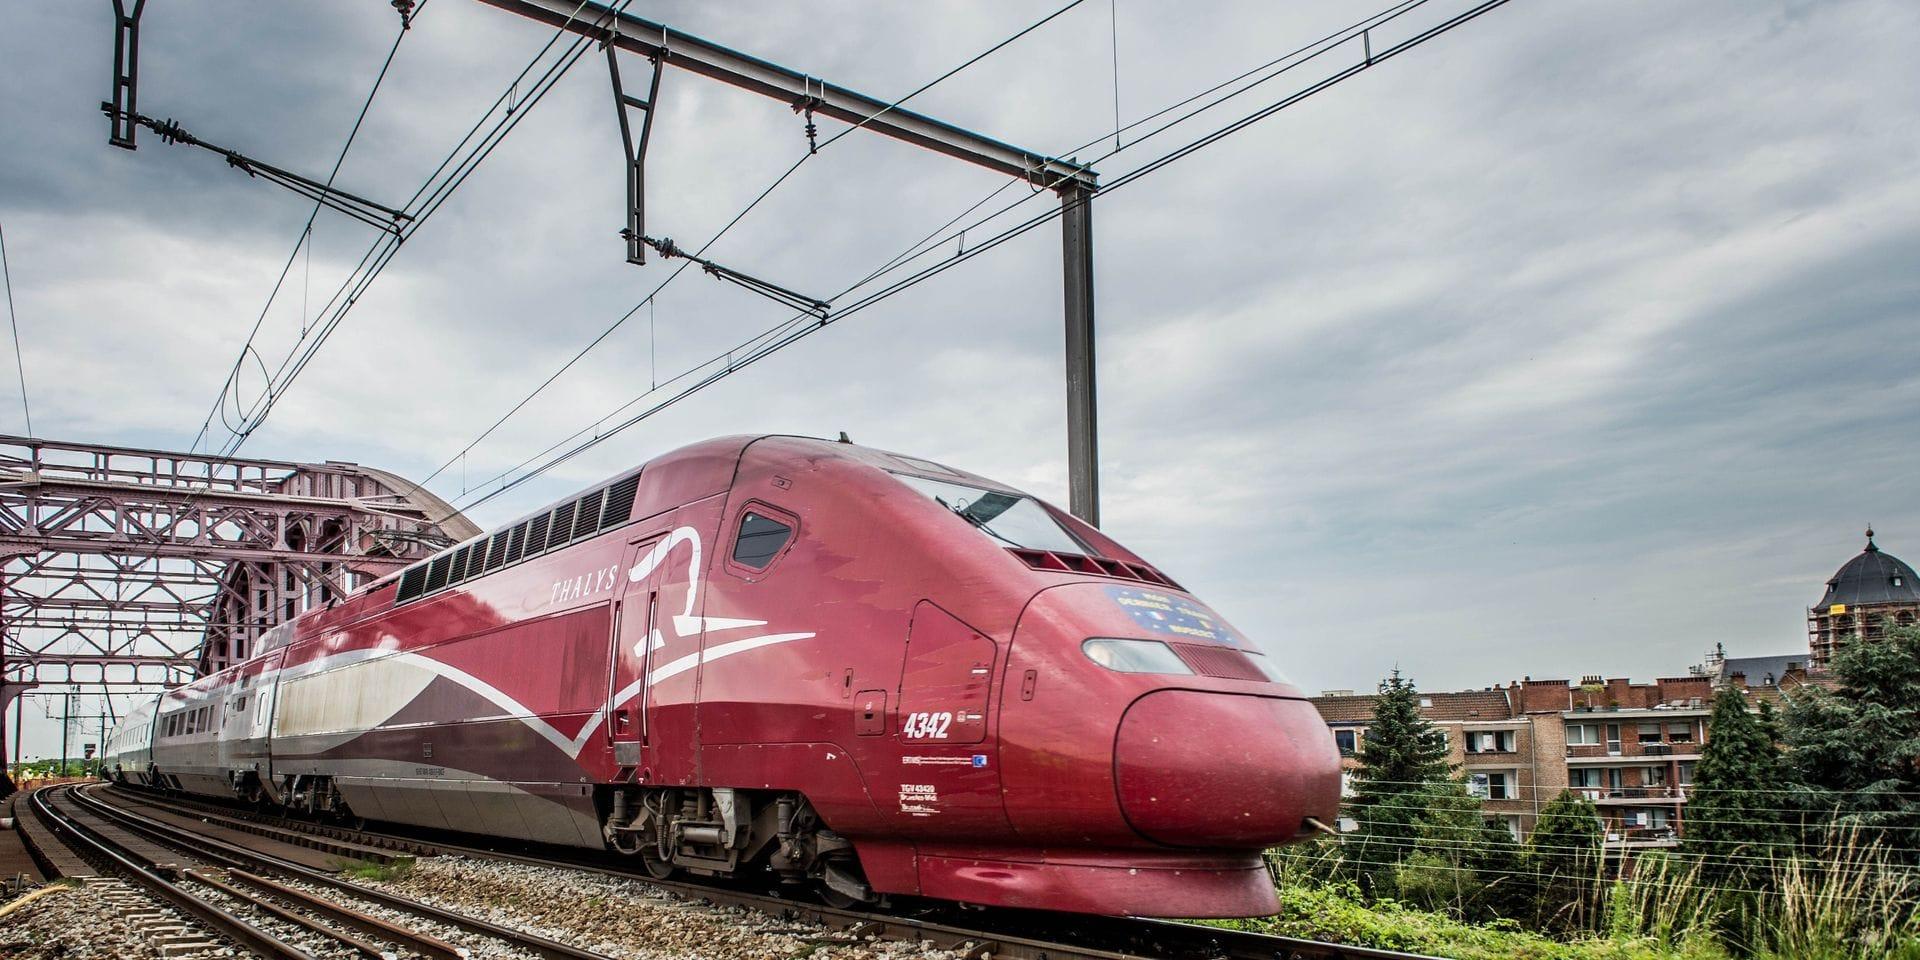 """Déraillement d'un """"TGV fantôme"""" à l'atelier de réparation de Forest: """"Cela va coûter très cher"""""""